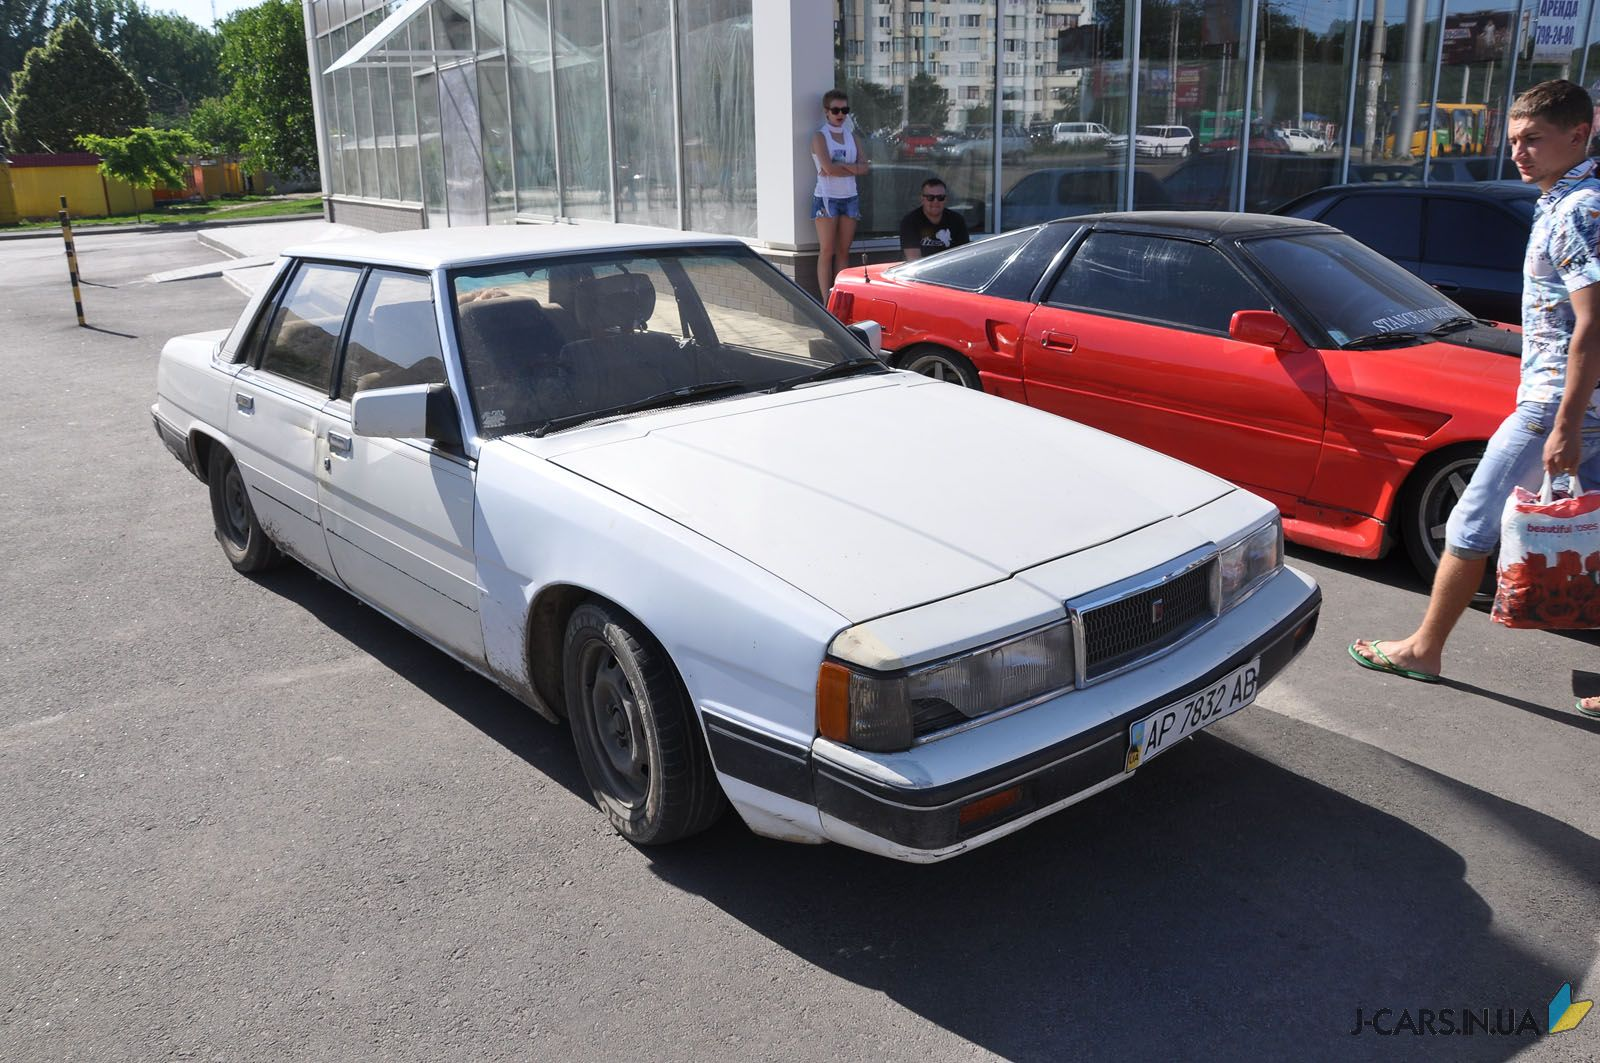 клуб владельцев праворульных японских автомобилей